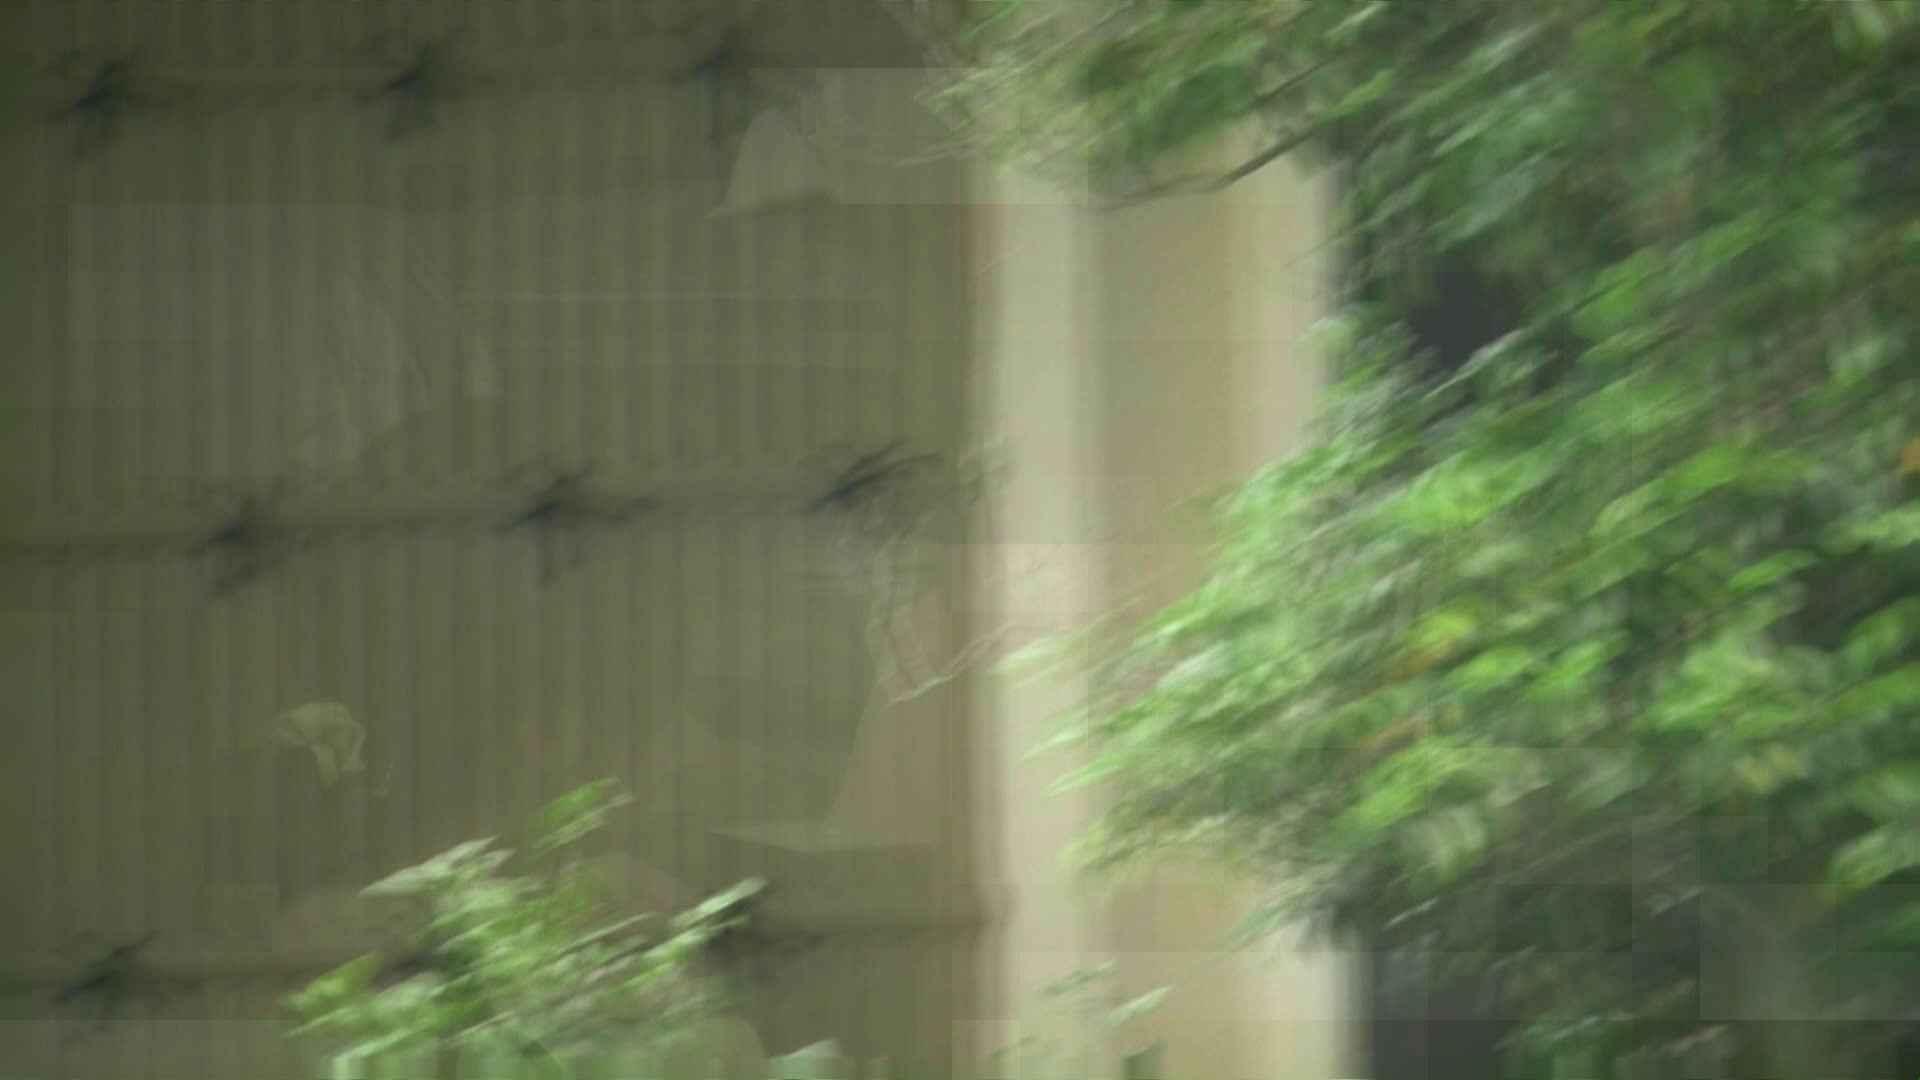 高画質露天女風呂観察 vol.027 高画質 ワレメ動画紹介 75PIX 57